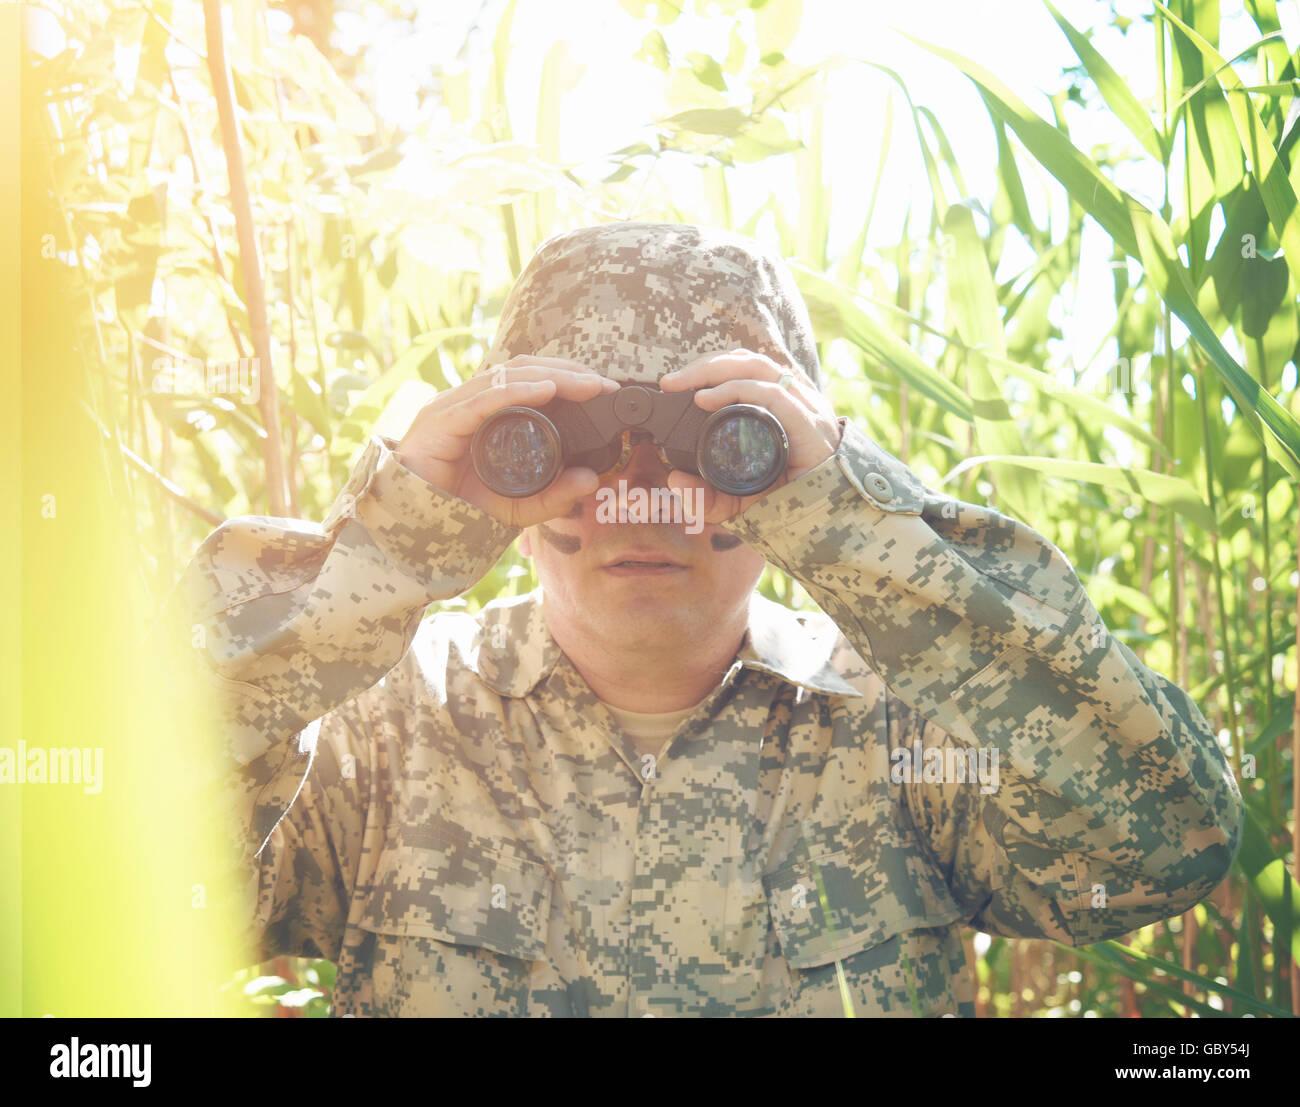 Un soldat l'homme est à la recherche à travers les jumelles dans les bois à l'extérieur avec une protection uniforme sur d'une guerre, ou un chasseur concept. Banque D'Images